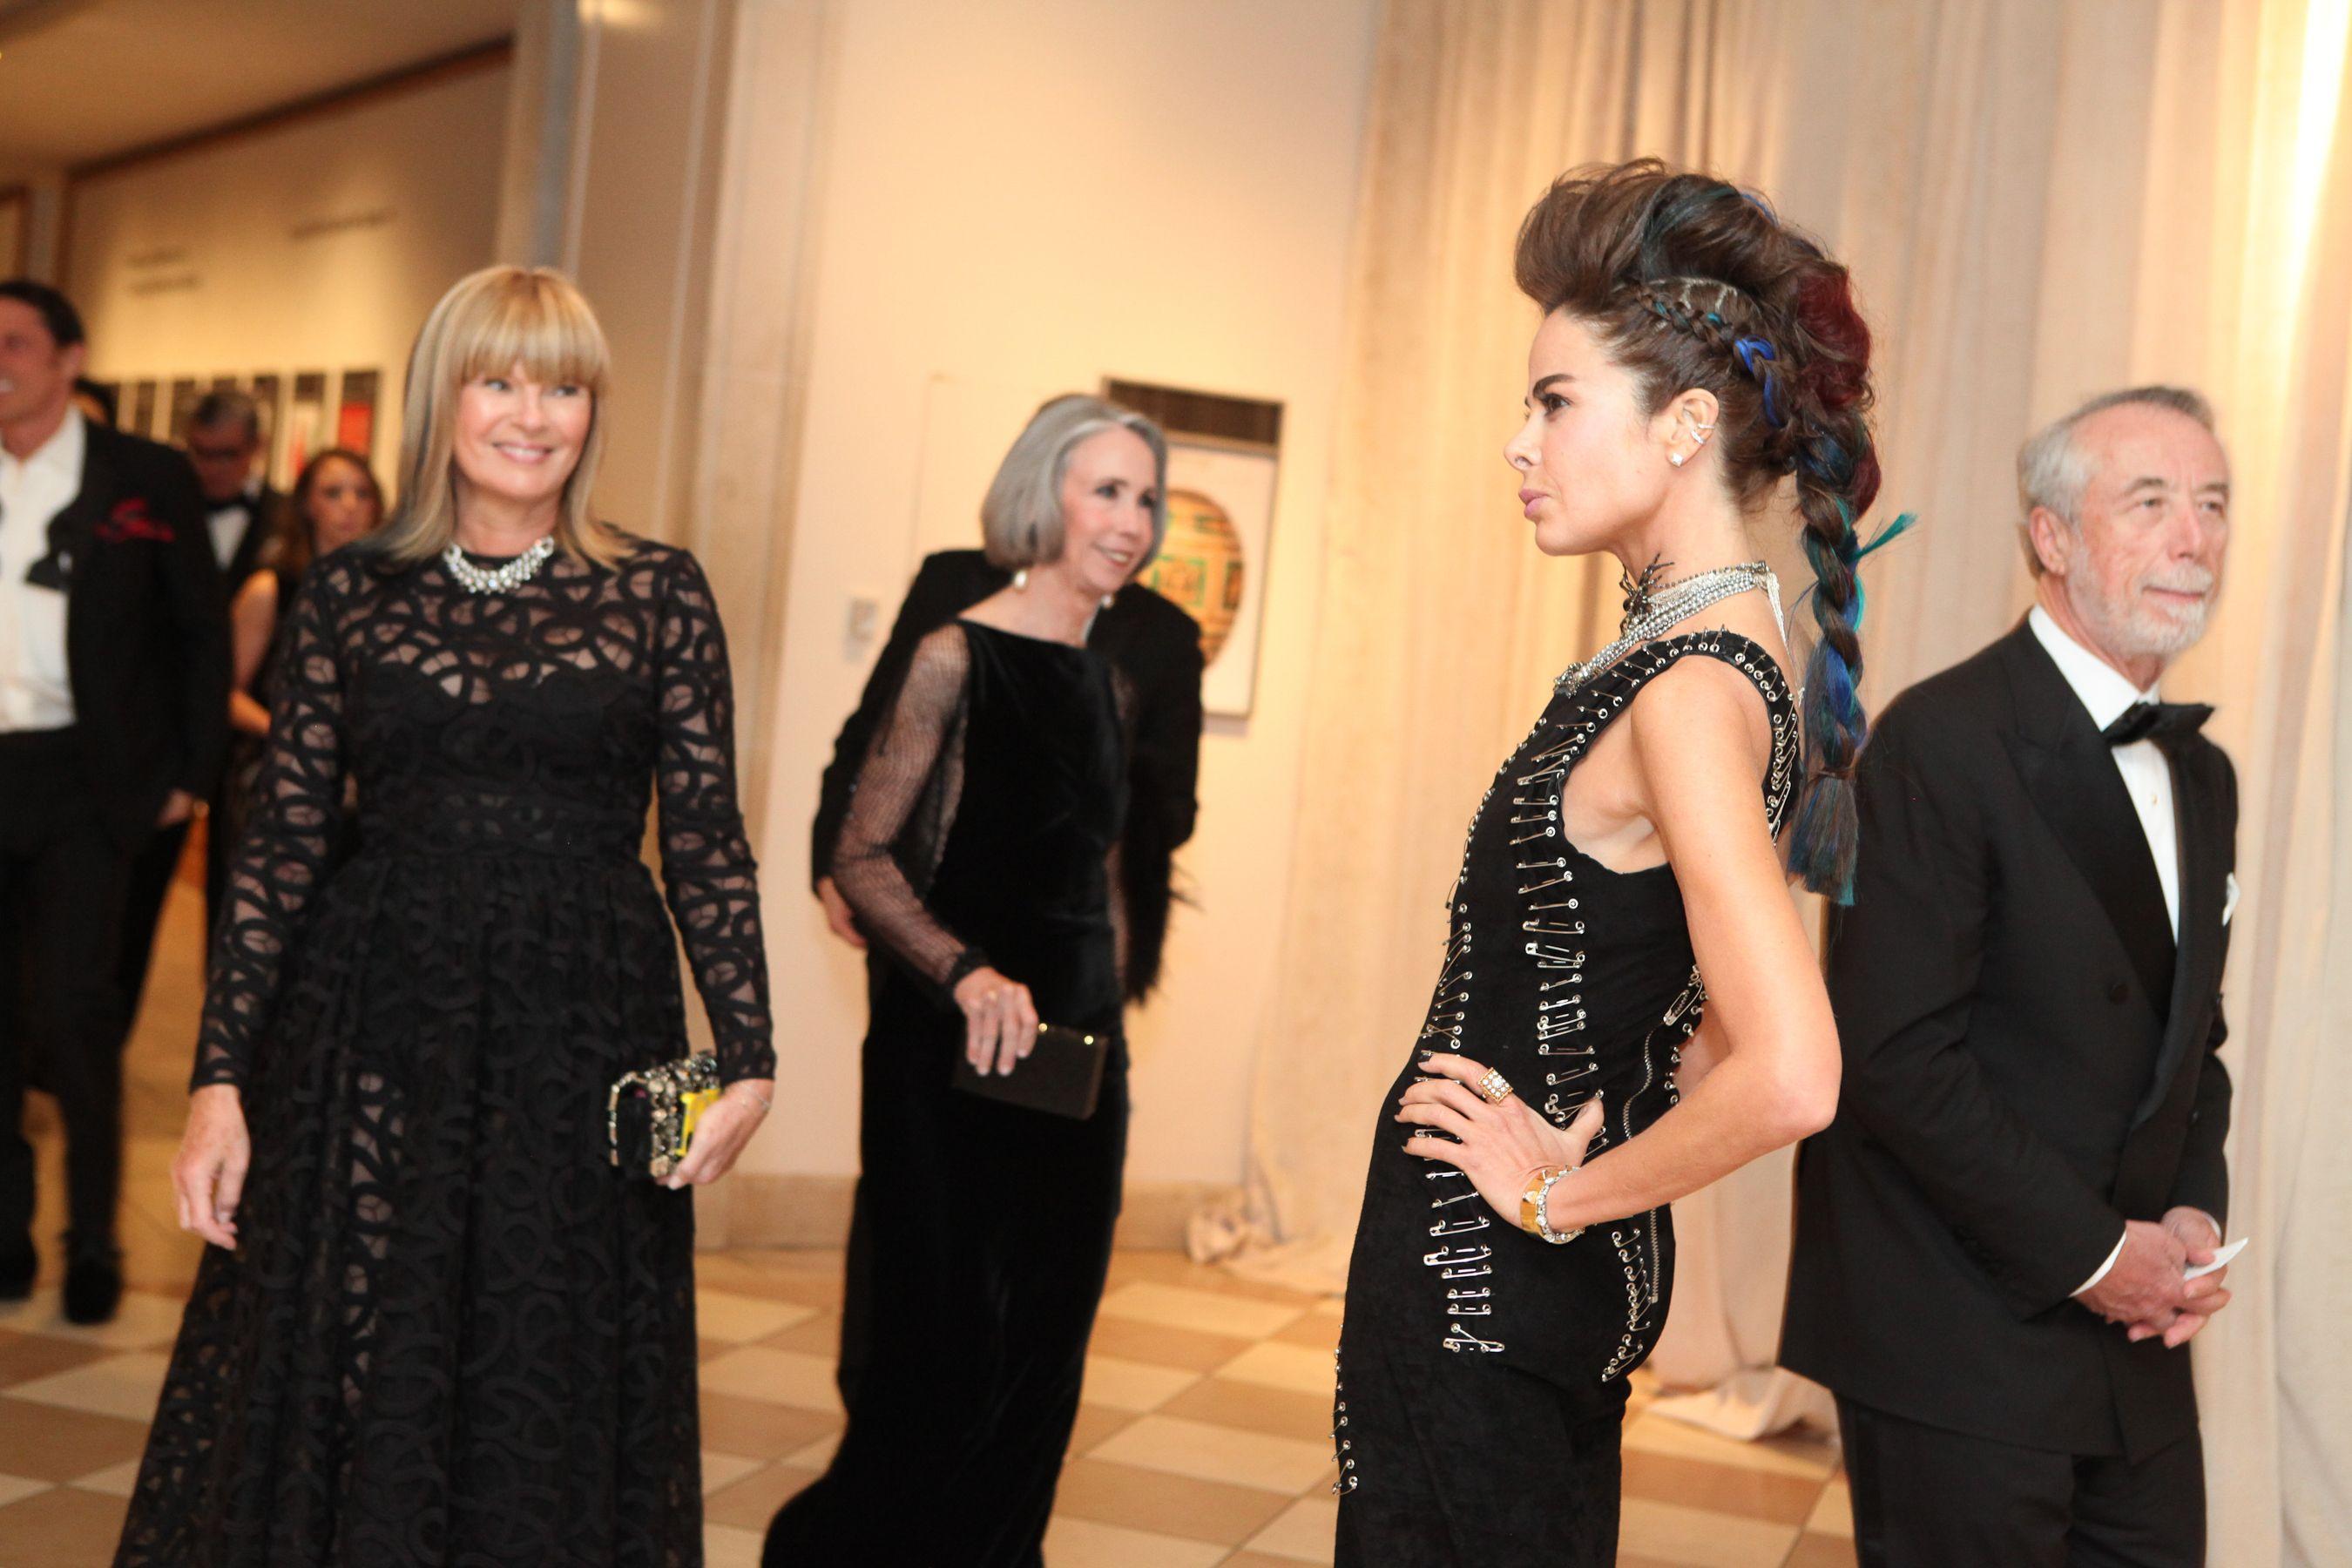 Allison Sarofim's fauxhawk at the Met Gala.